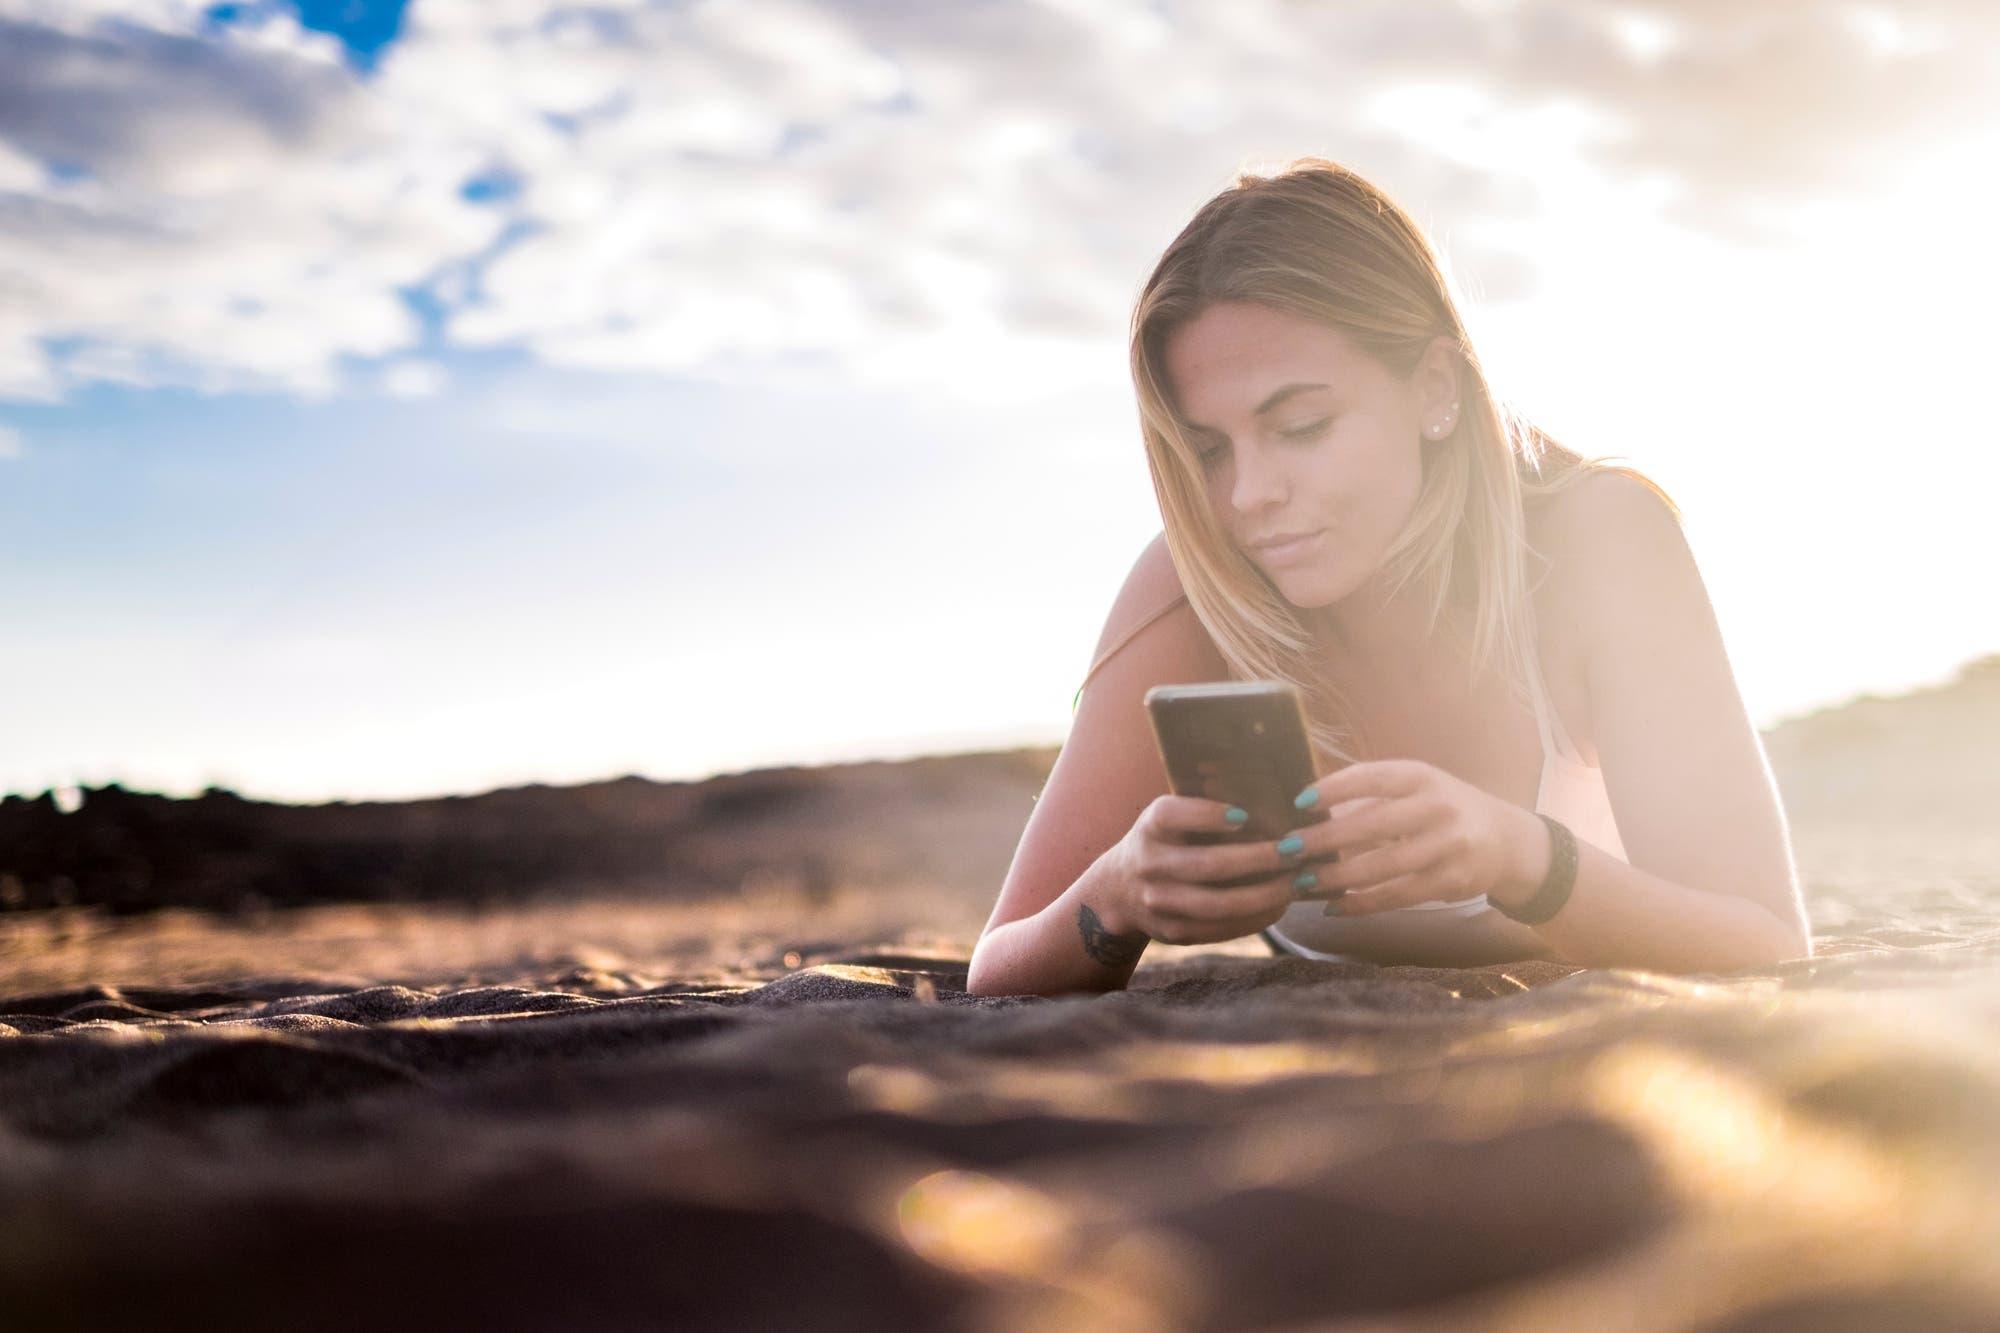 Estas vacaciones probá a desconectarte del celular, pero no esperes que te cambie la vida